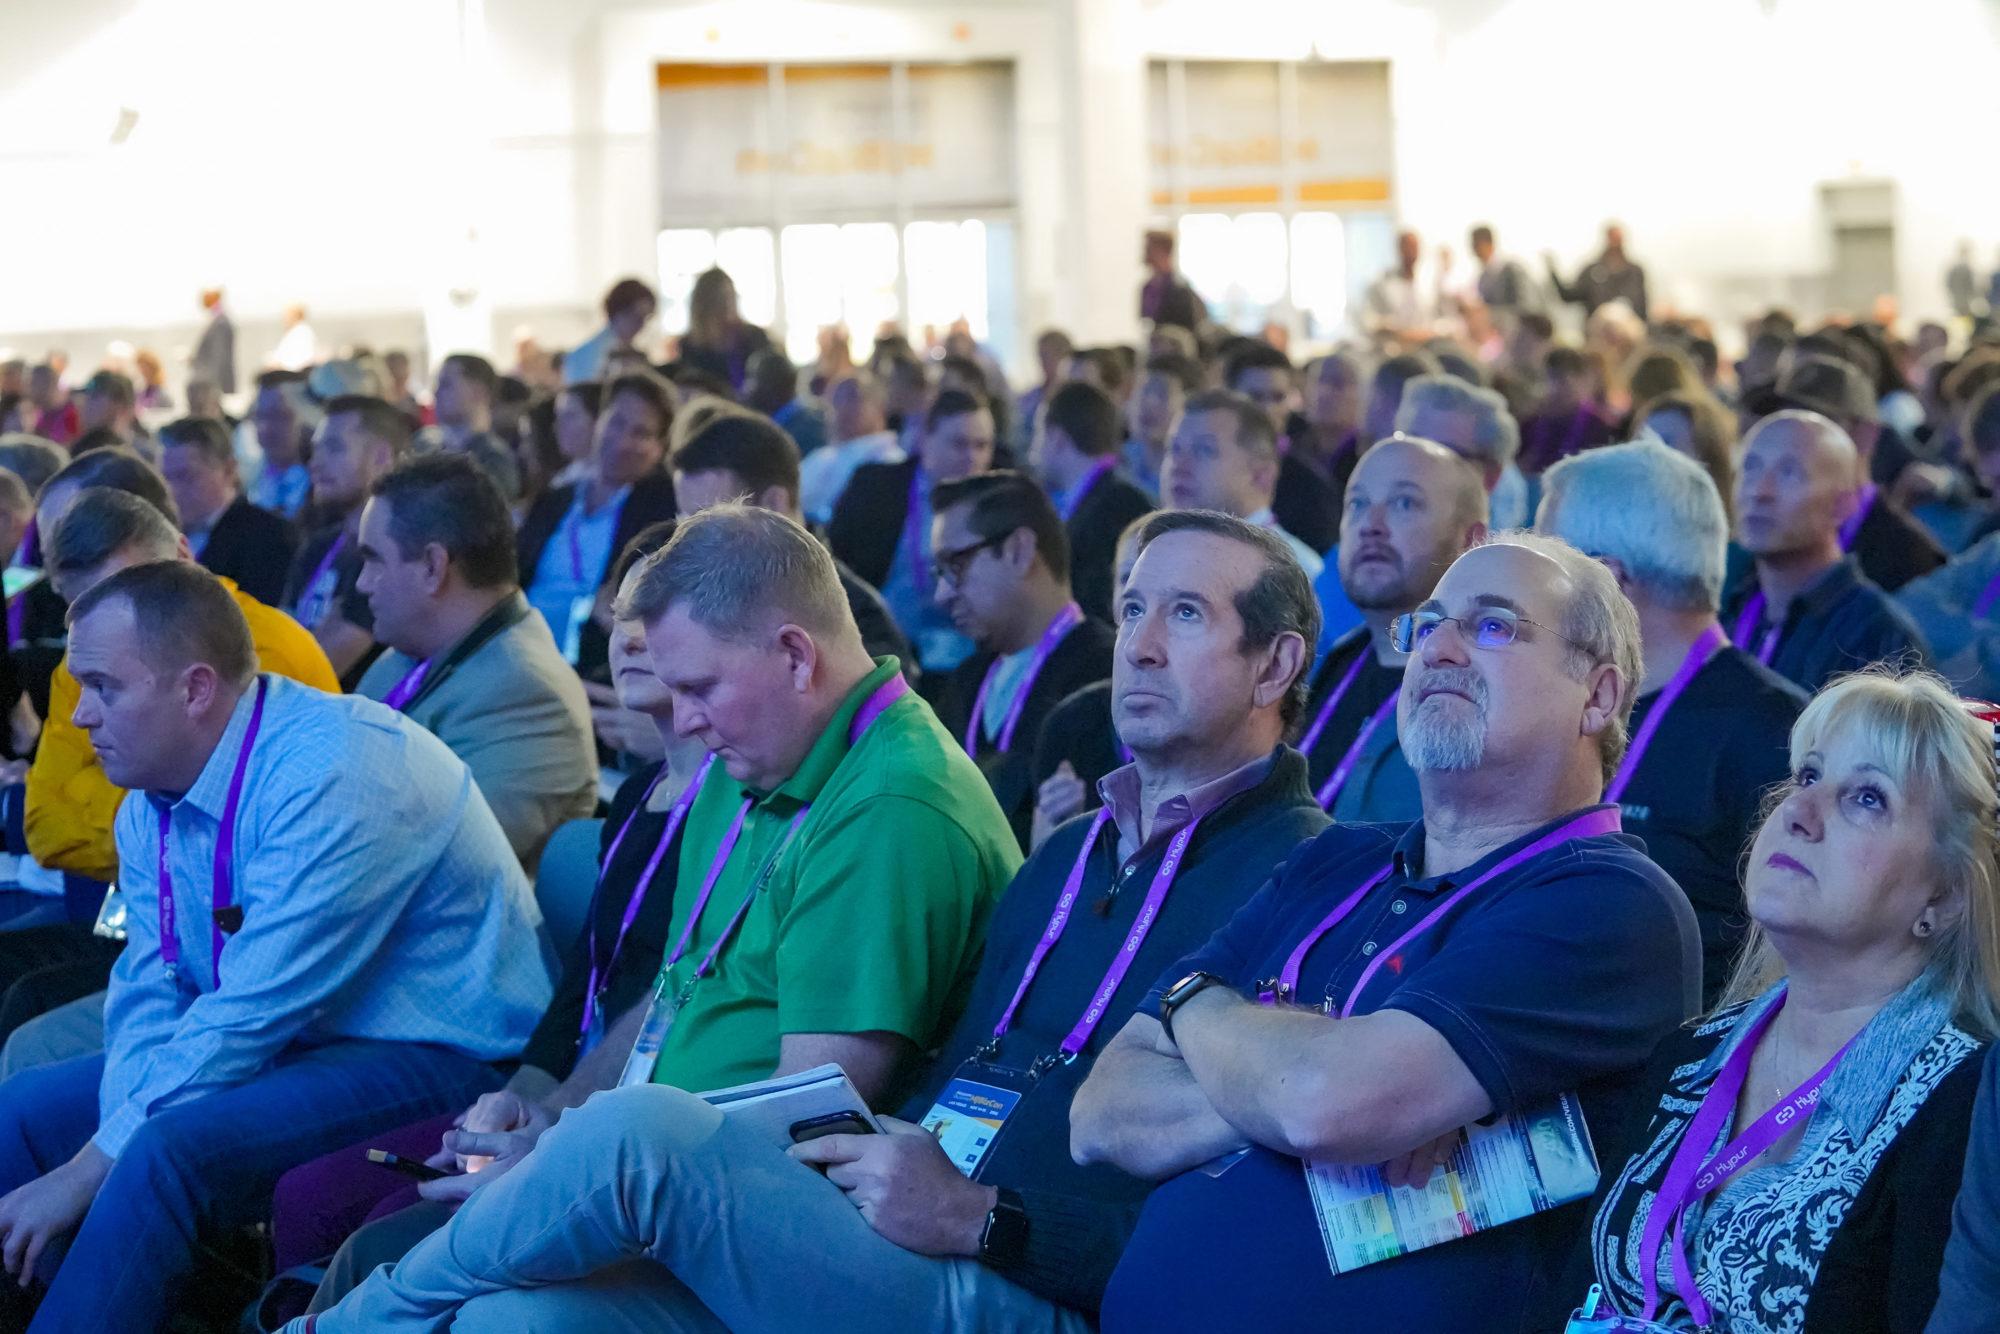 Las Vegas MJBizCon Conference | Las Vegas Convention Center